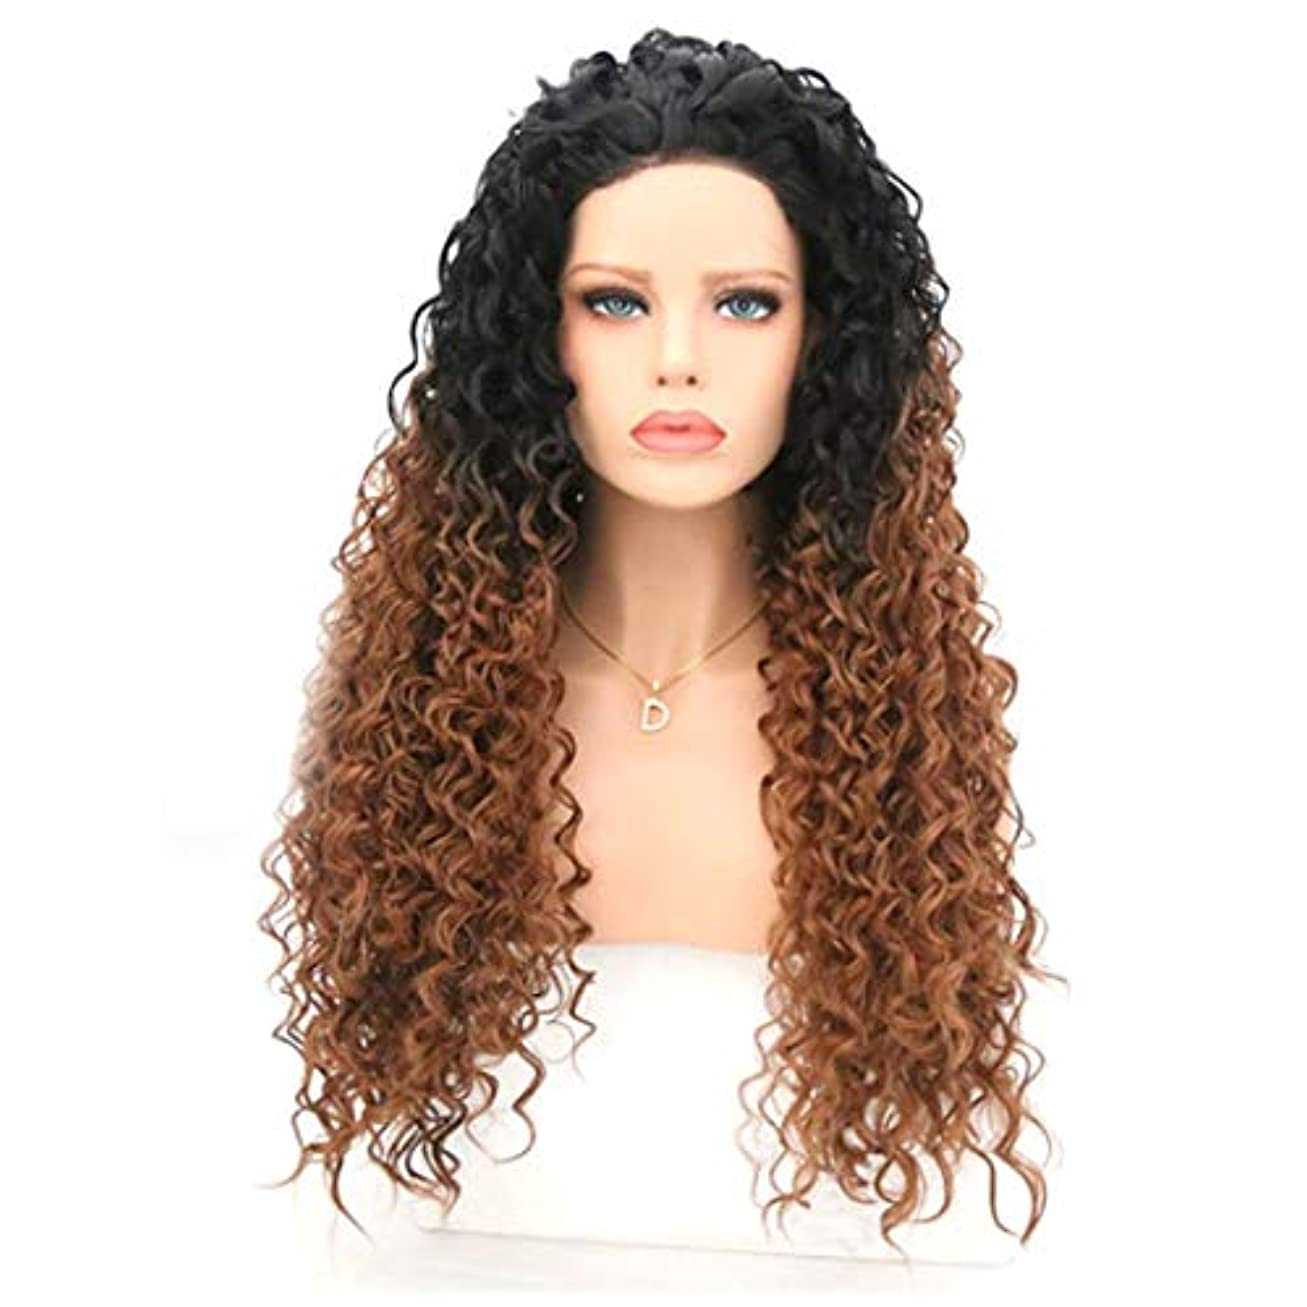 ミュウミュウ国勢調査ハンディキャップKerwinner 波状の巻き毛のかつら女性のための耐熱性巻き毛のかつら (Size : 20 inches)